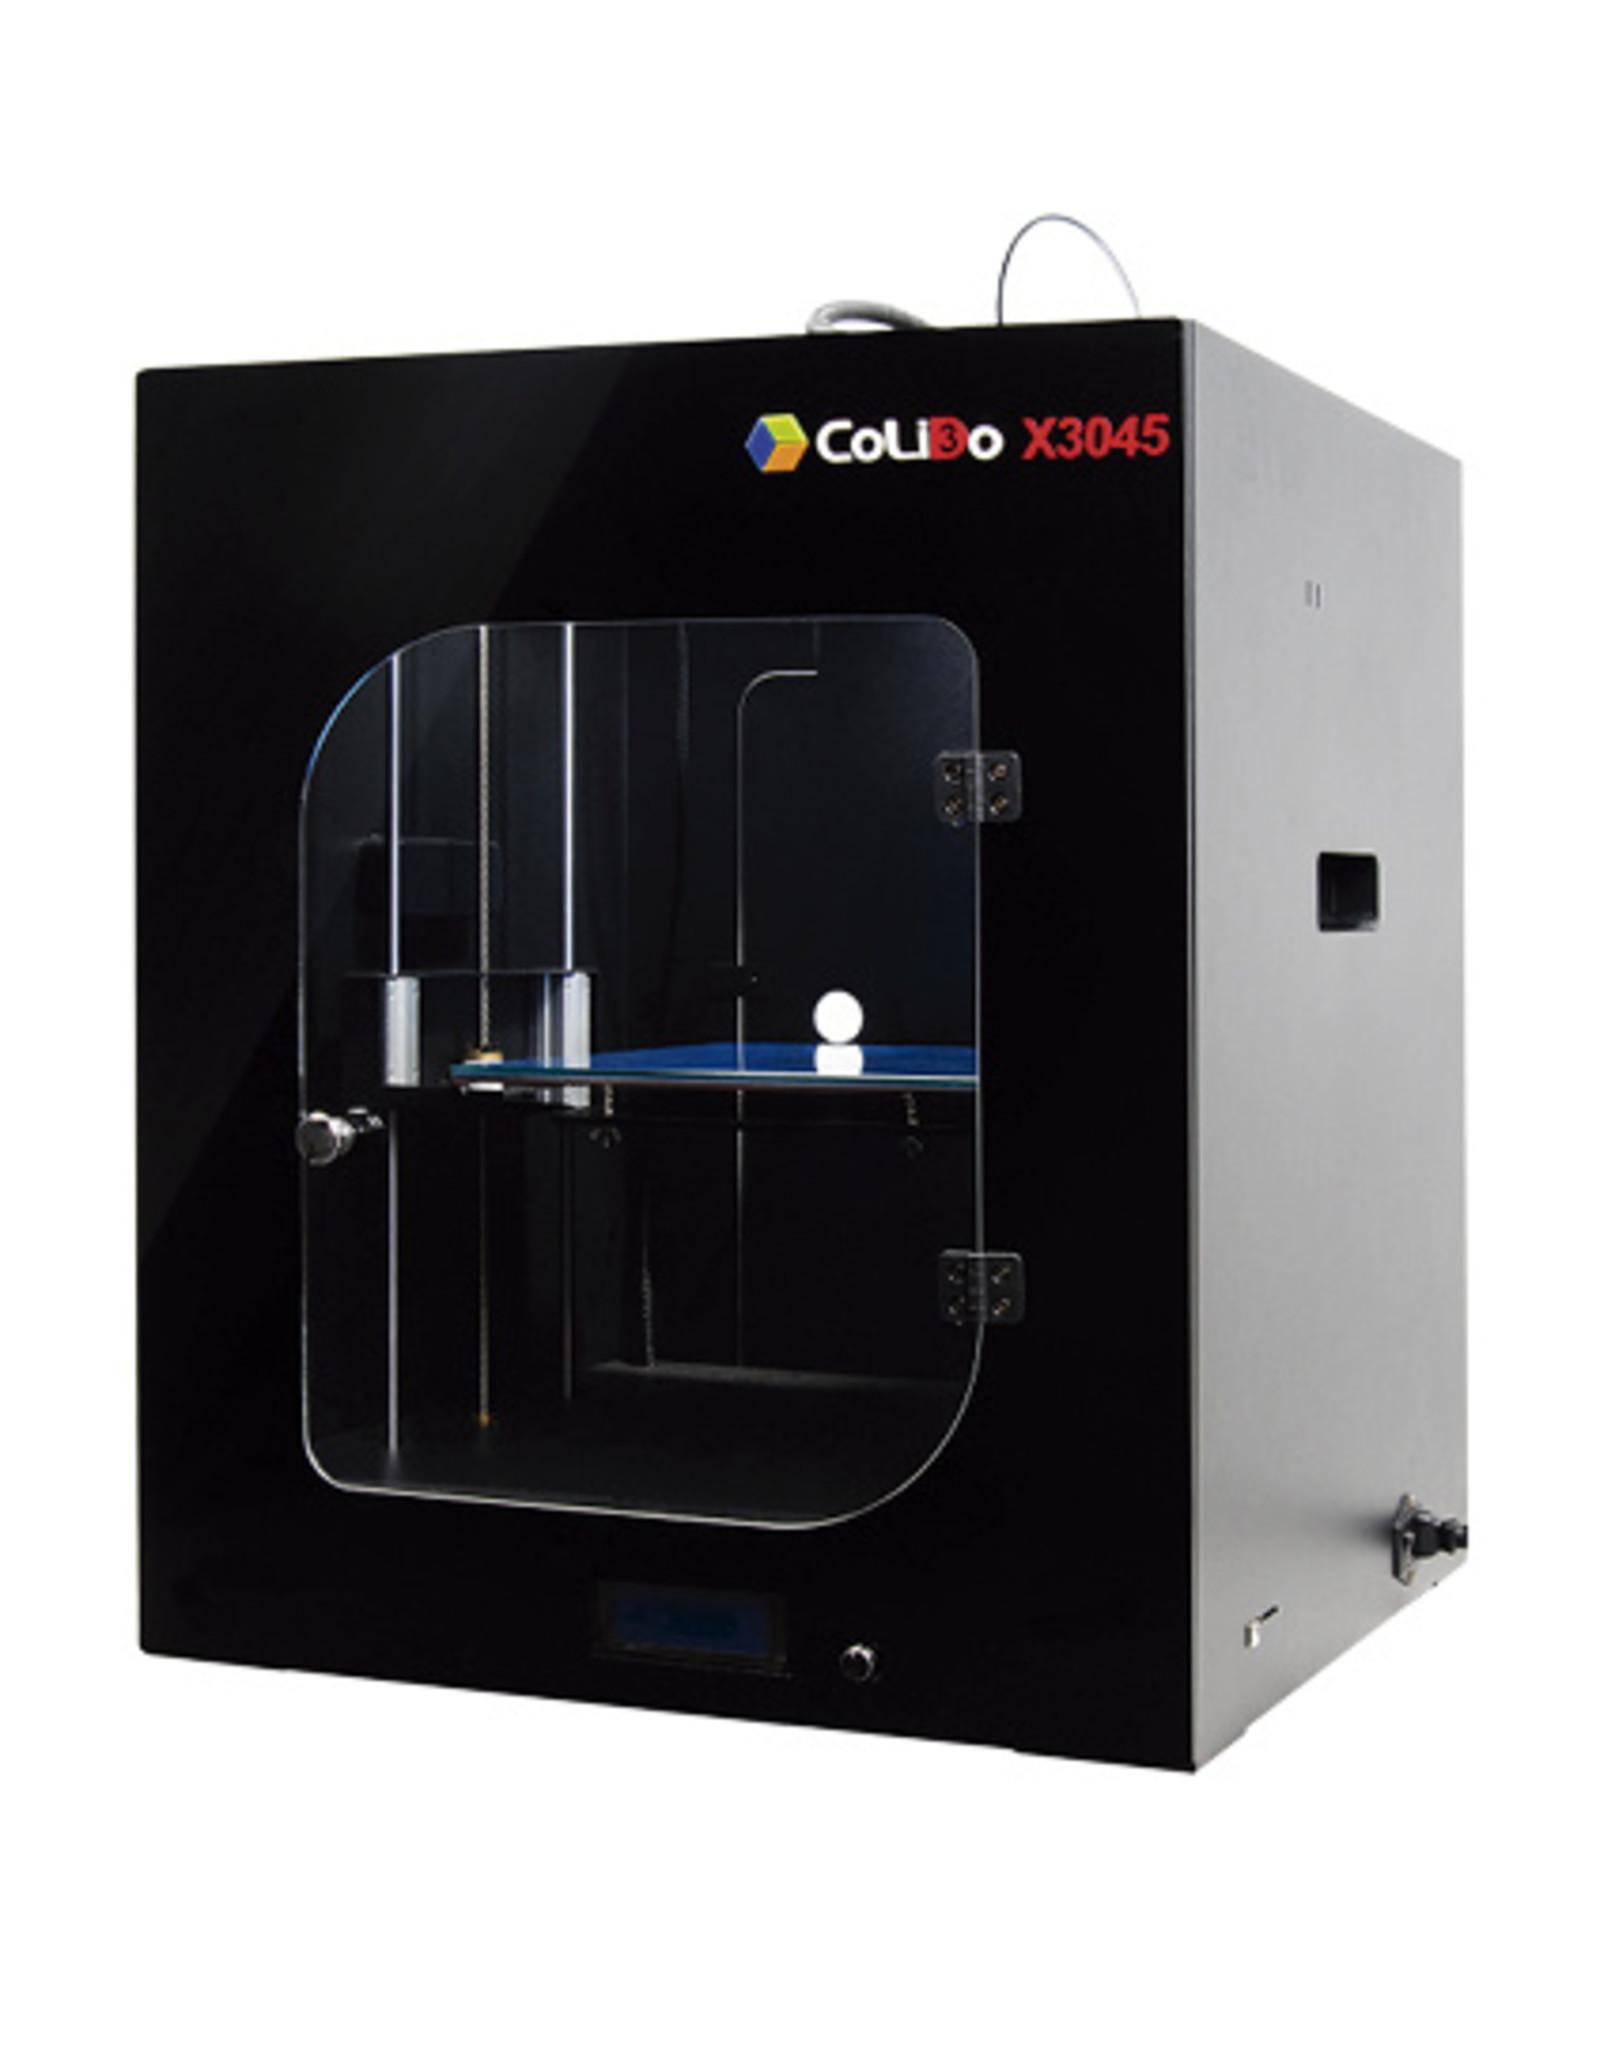 Colido CoLiDo X3045